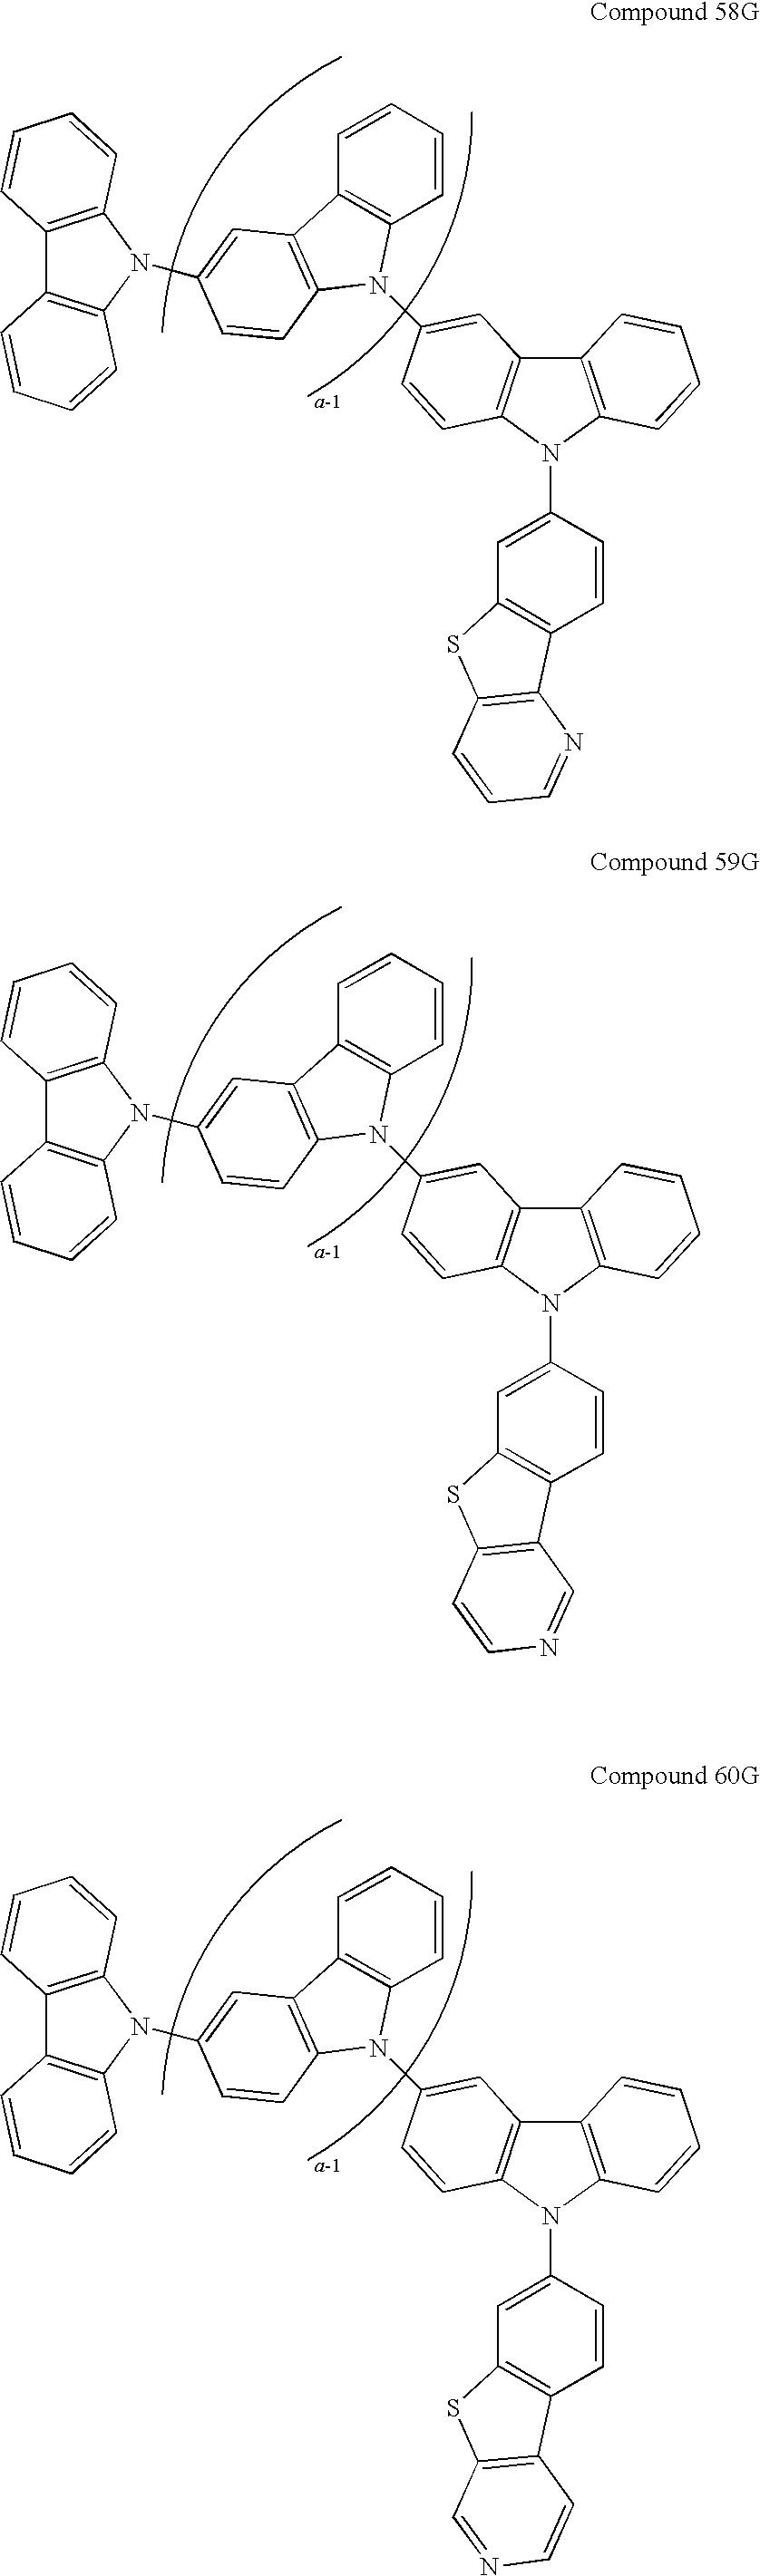 Figure US20090134784A1-20090528-C00163